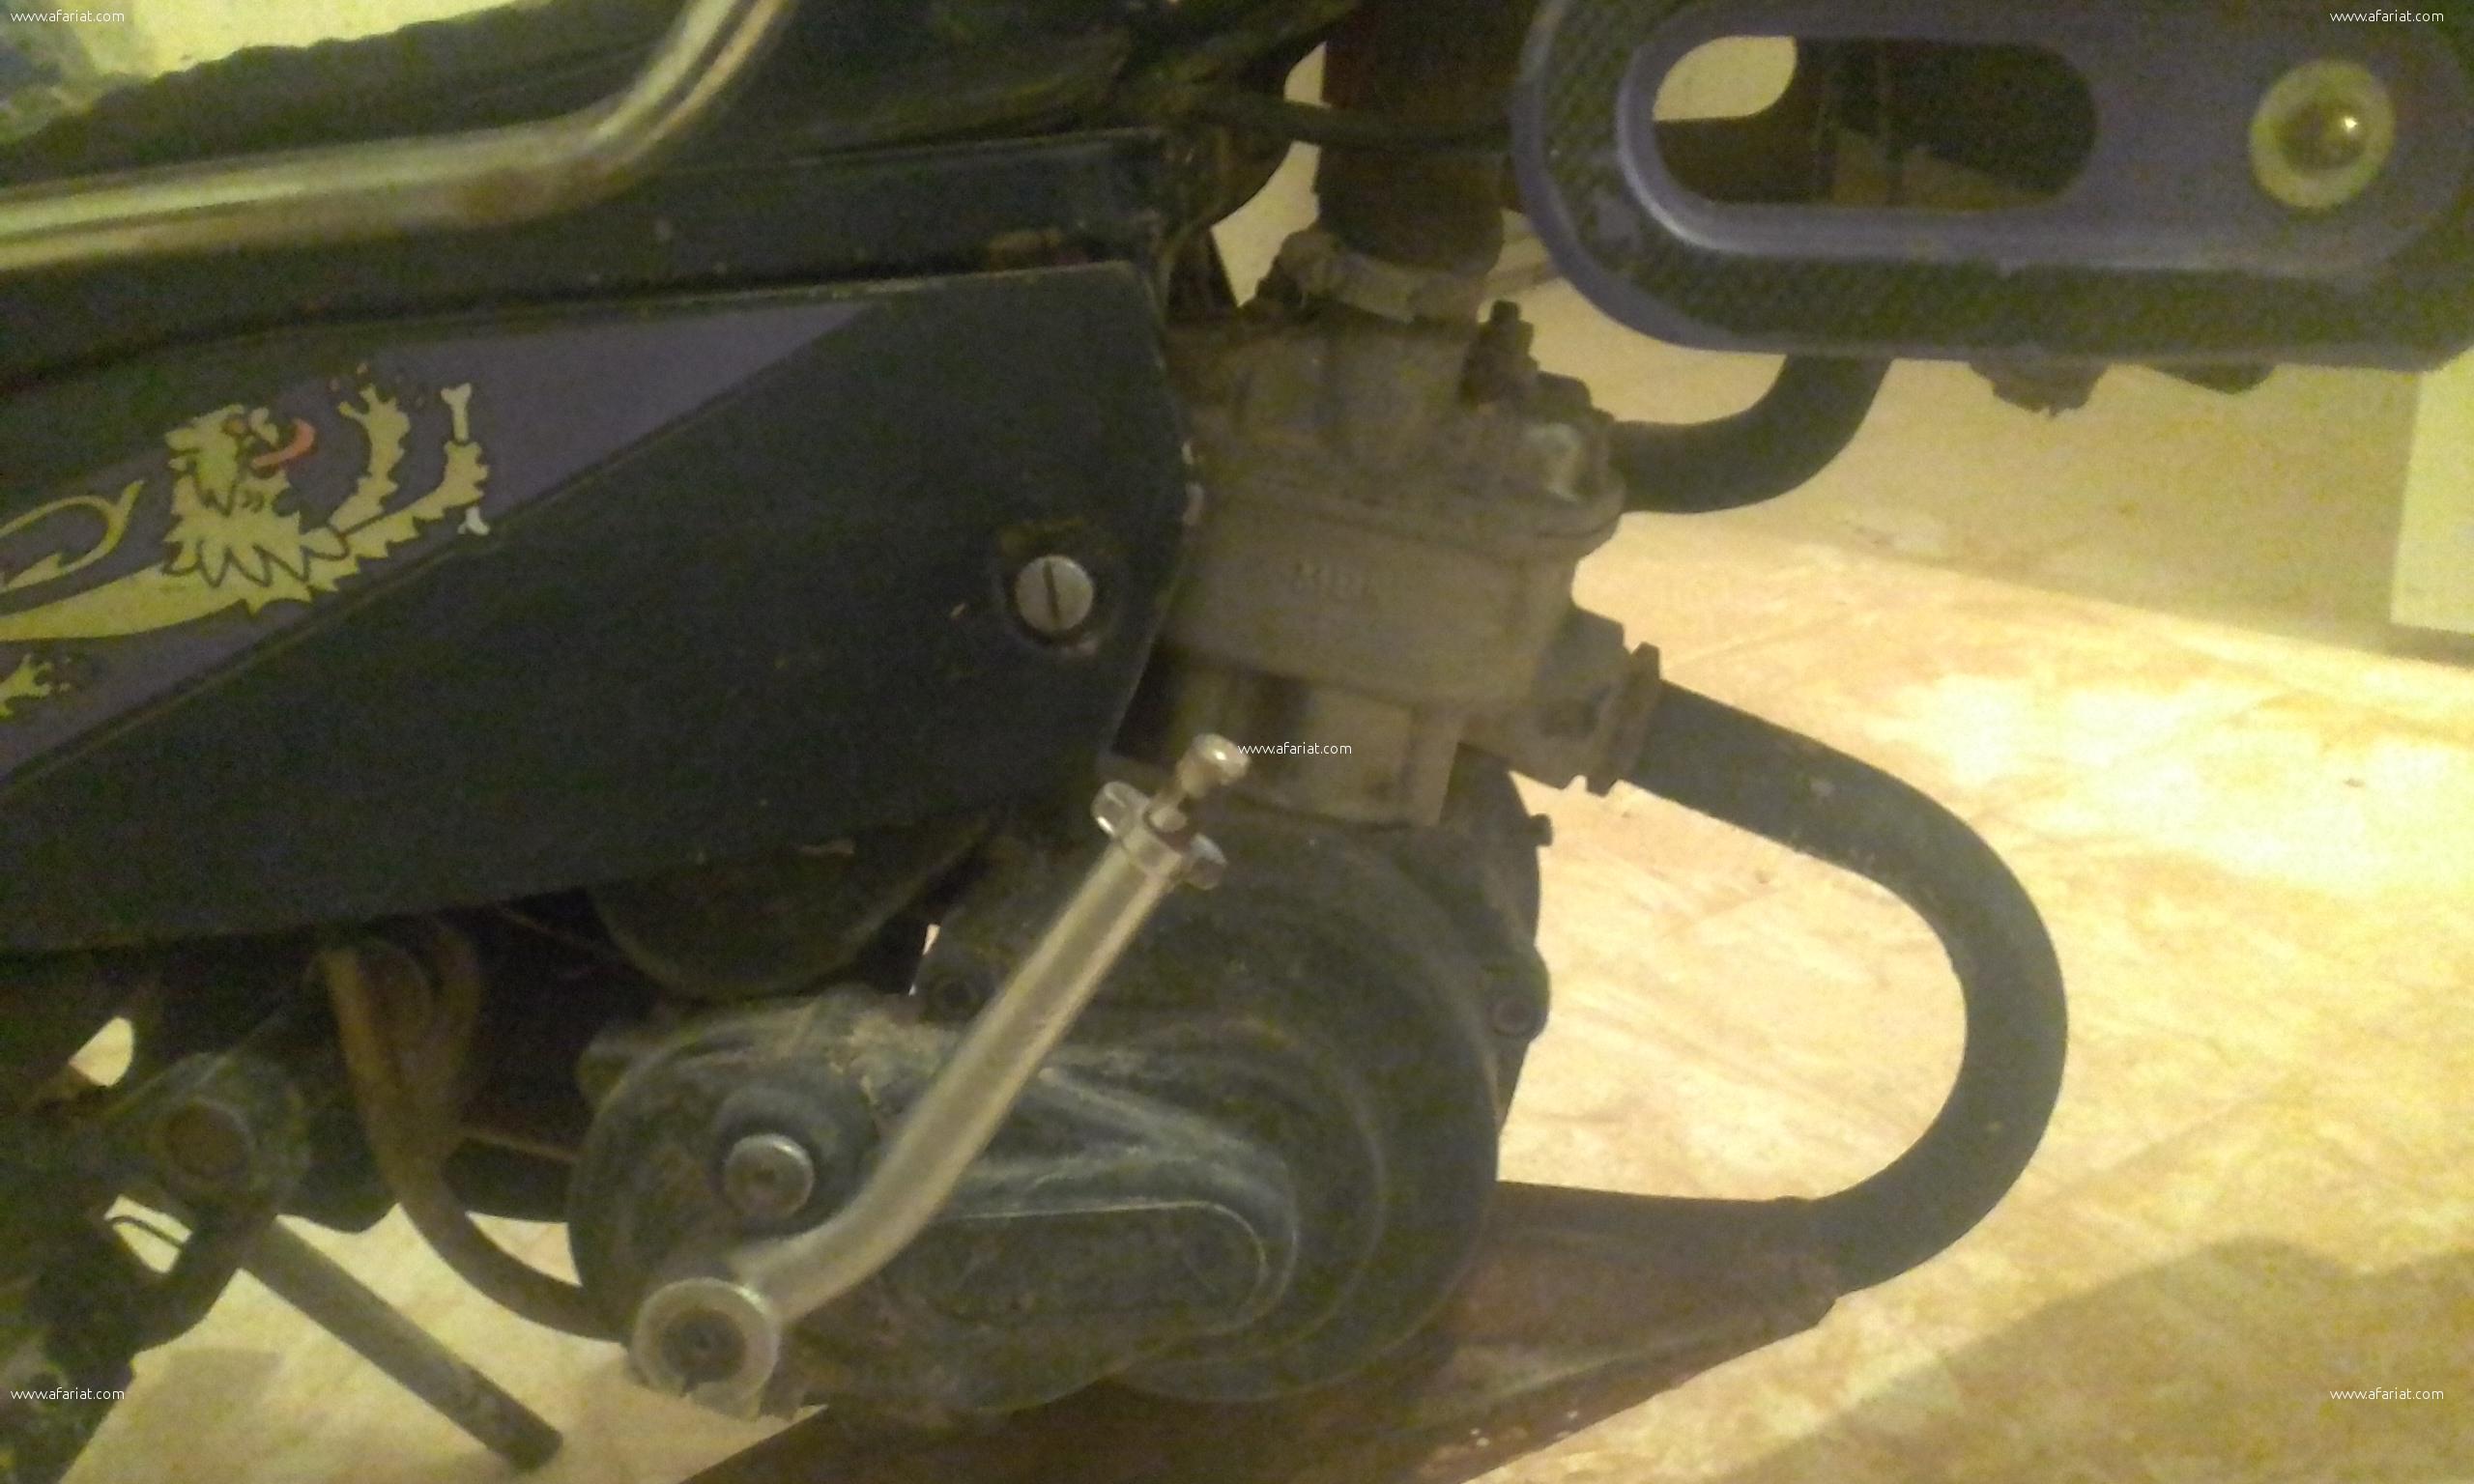 Mbk moteur cadre origine